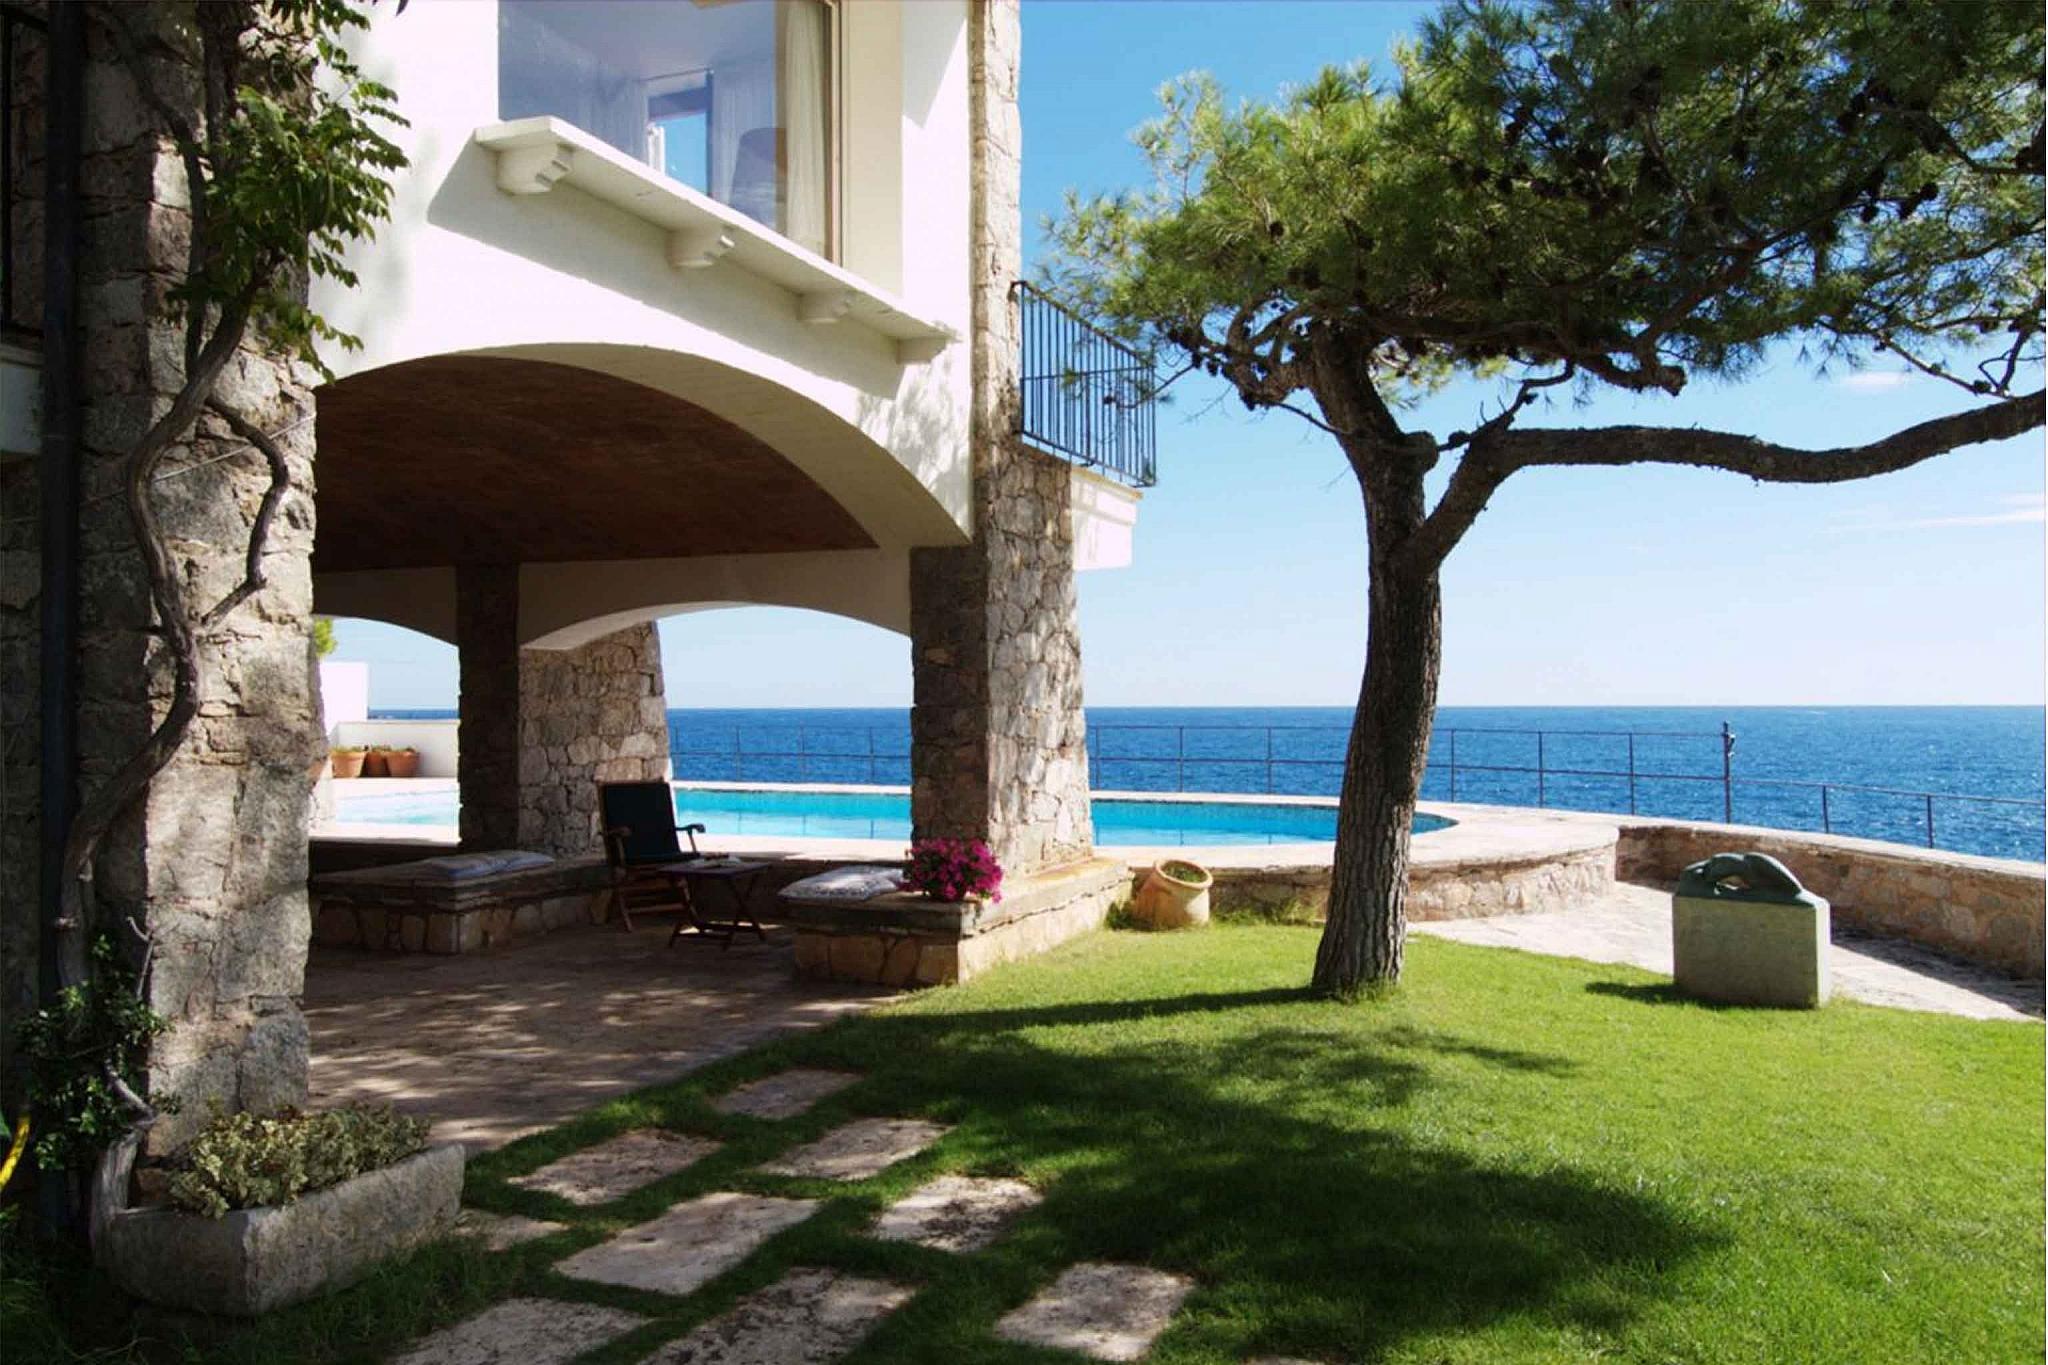 Покупка недвижимости в испании в новостройке